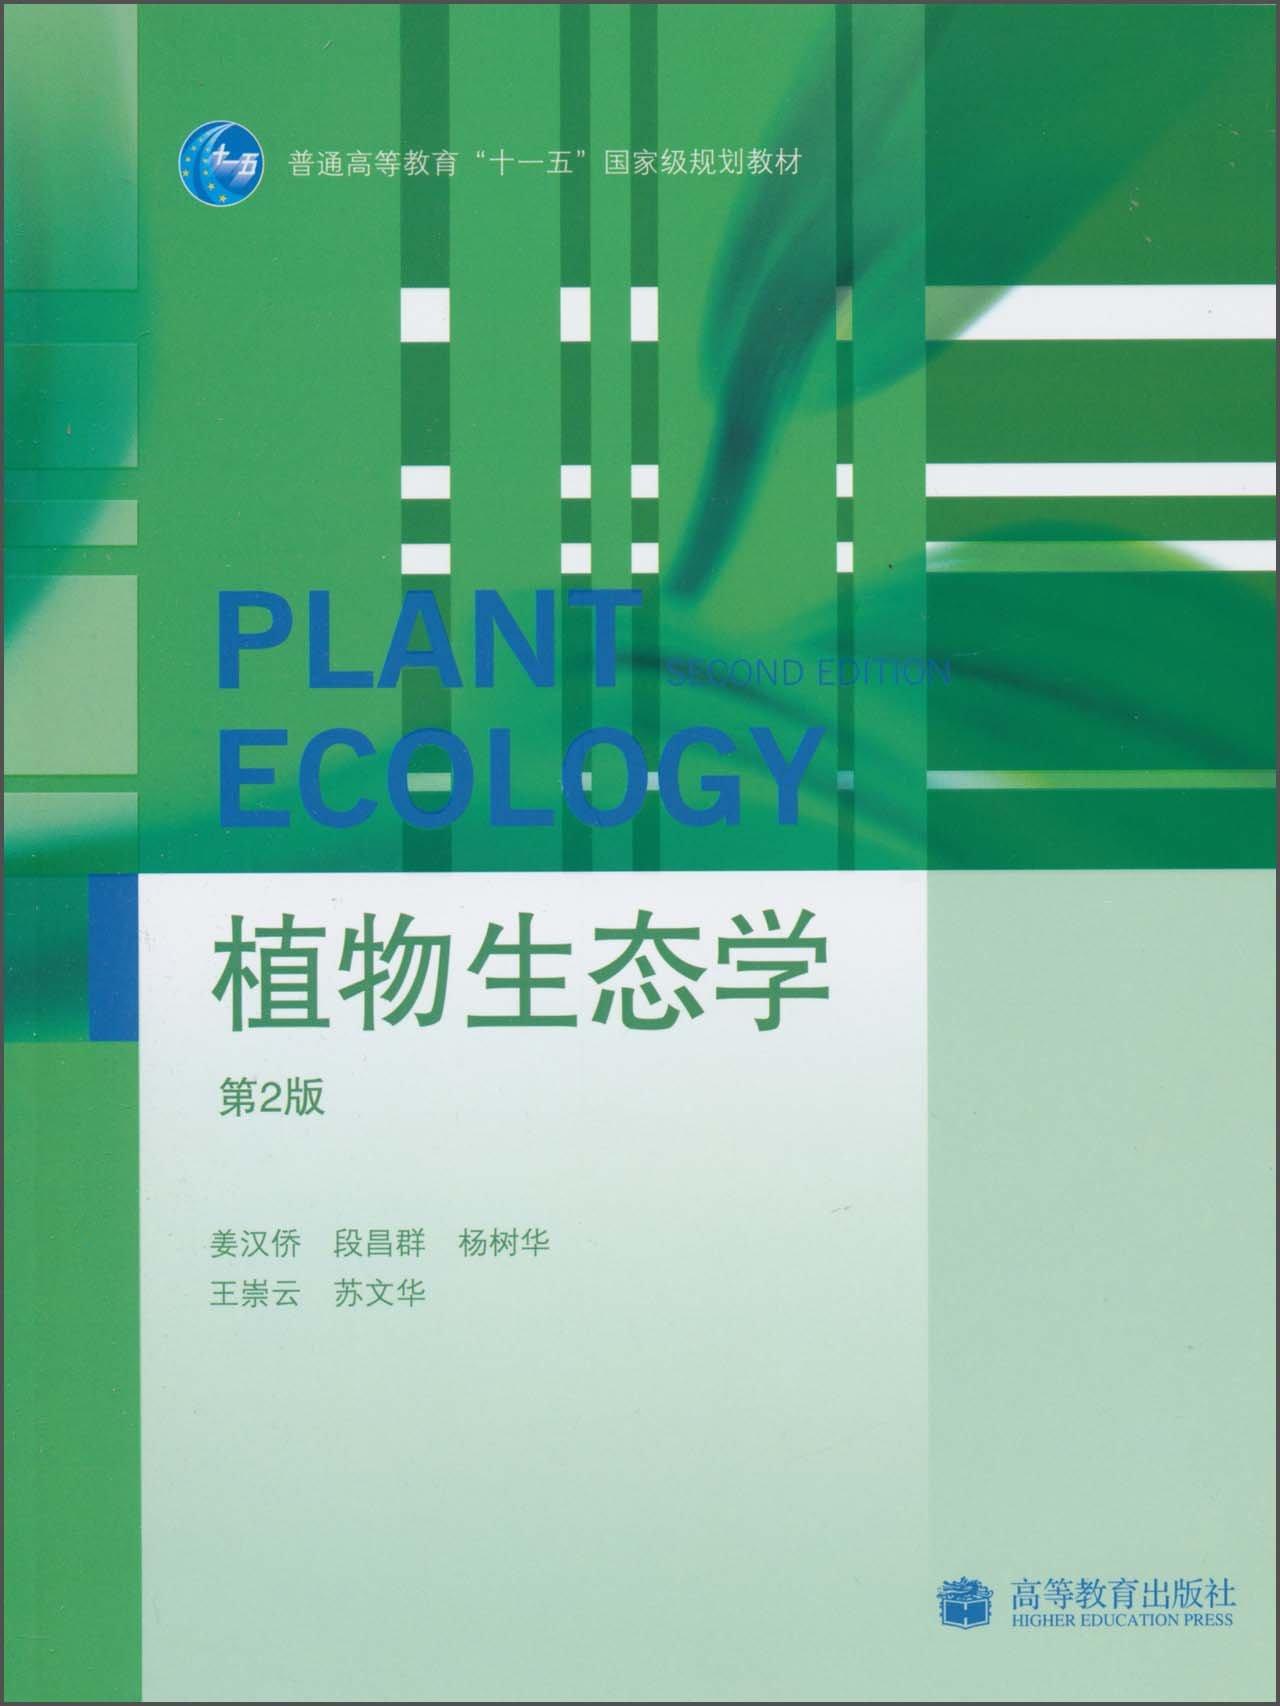 包邮正版 植物生态学(第2版) 高等教育出版社 姜汉侨, 段昌群, 杨树华, 等 9787040291308